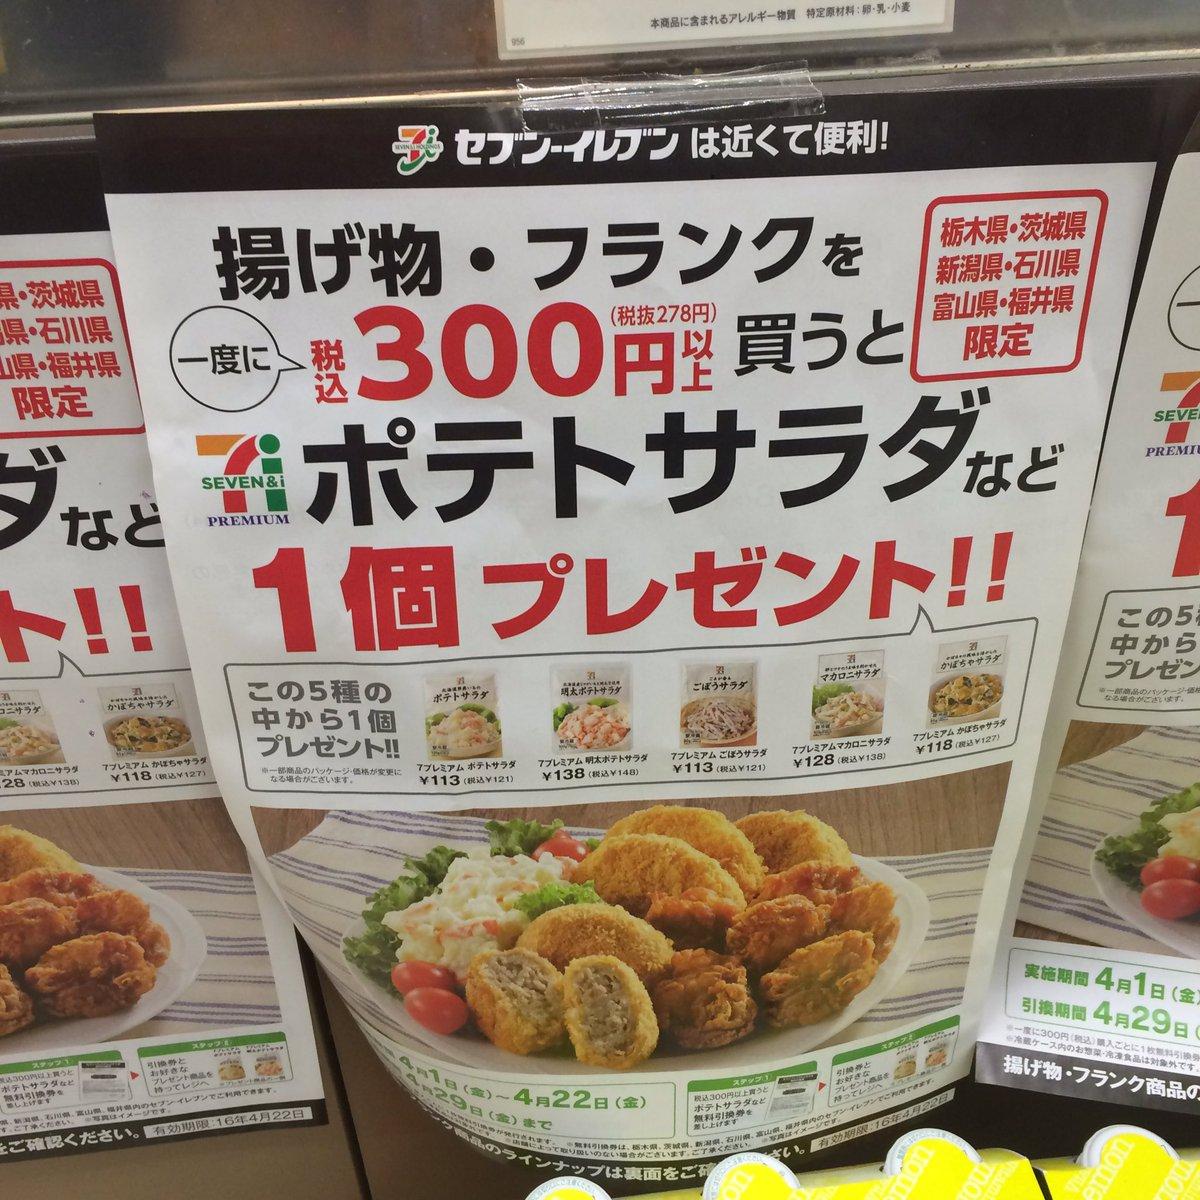 なんと、セブンで揚げ物300円買うと、ポテサラが貰える( ̄▽ ̄)ちなみに、関東は茨城と栃木限定の企画(。-_-。) https://t.co/1DeeCB09EG